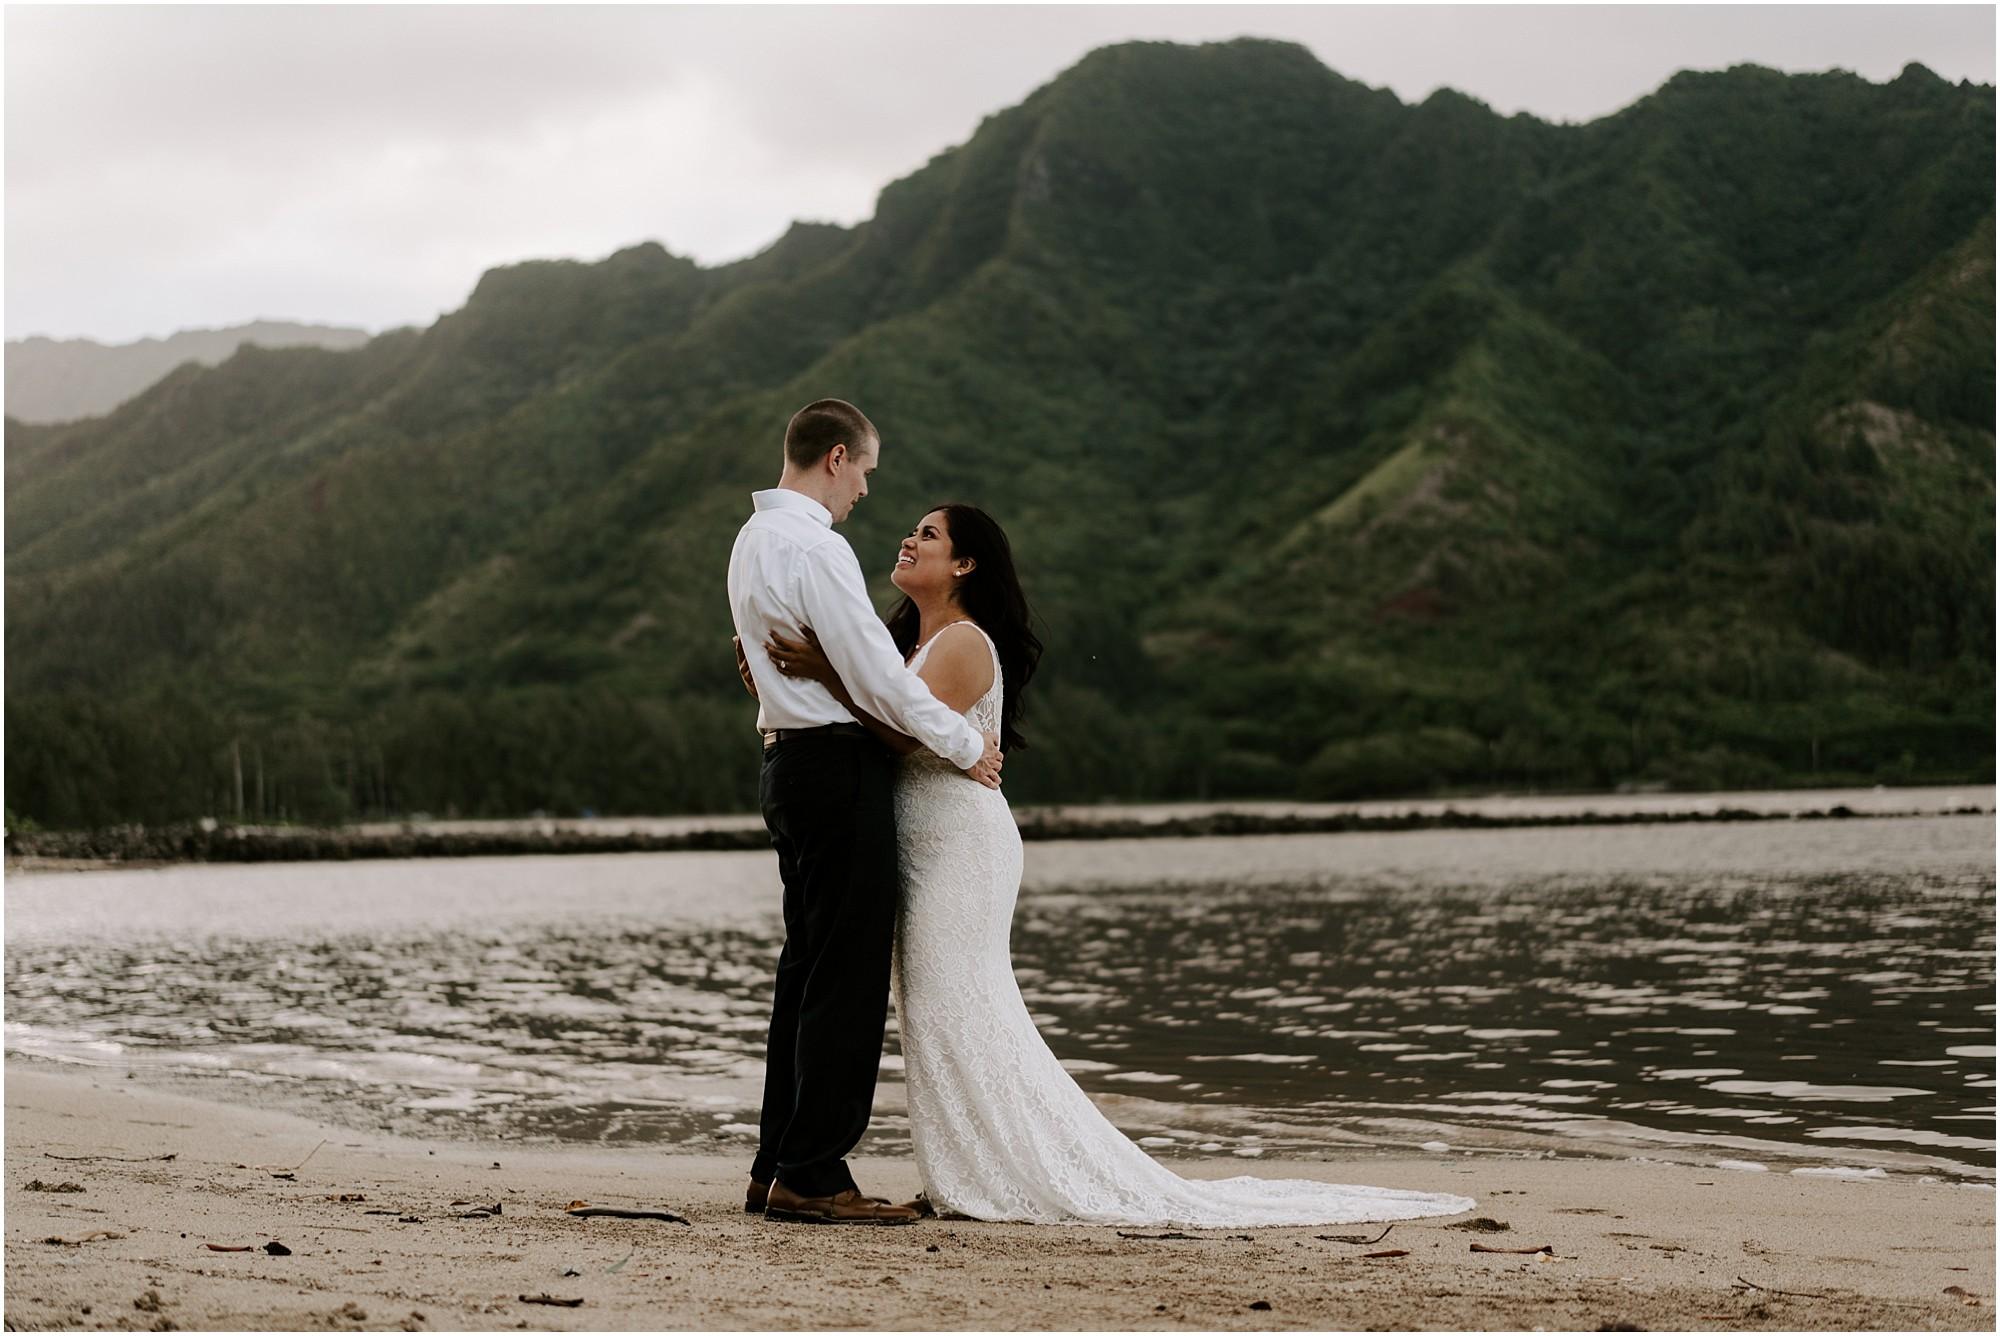 oahu-intimate-bridal-adventure-session_0018.jpg